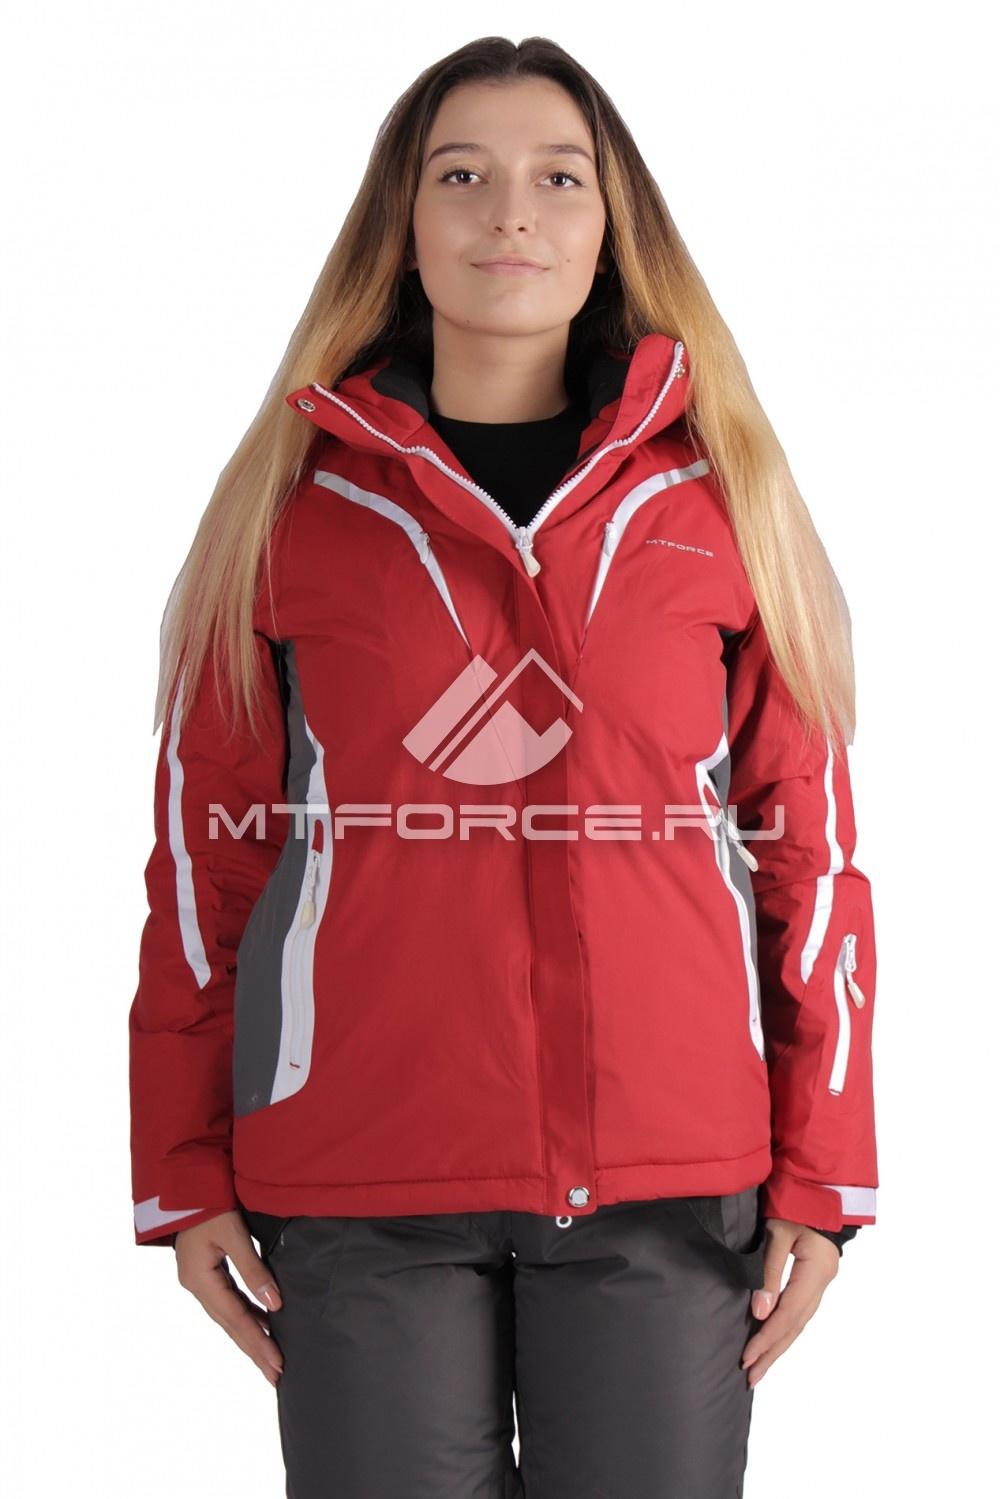 Купить                                  оптом Куртка горнолыжная женская большого размера красного цвета 1628Kr